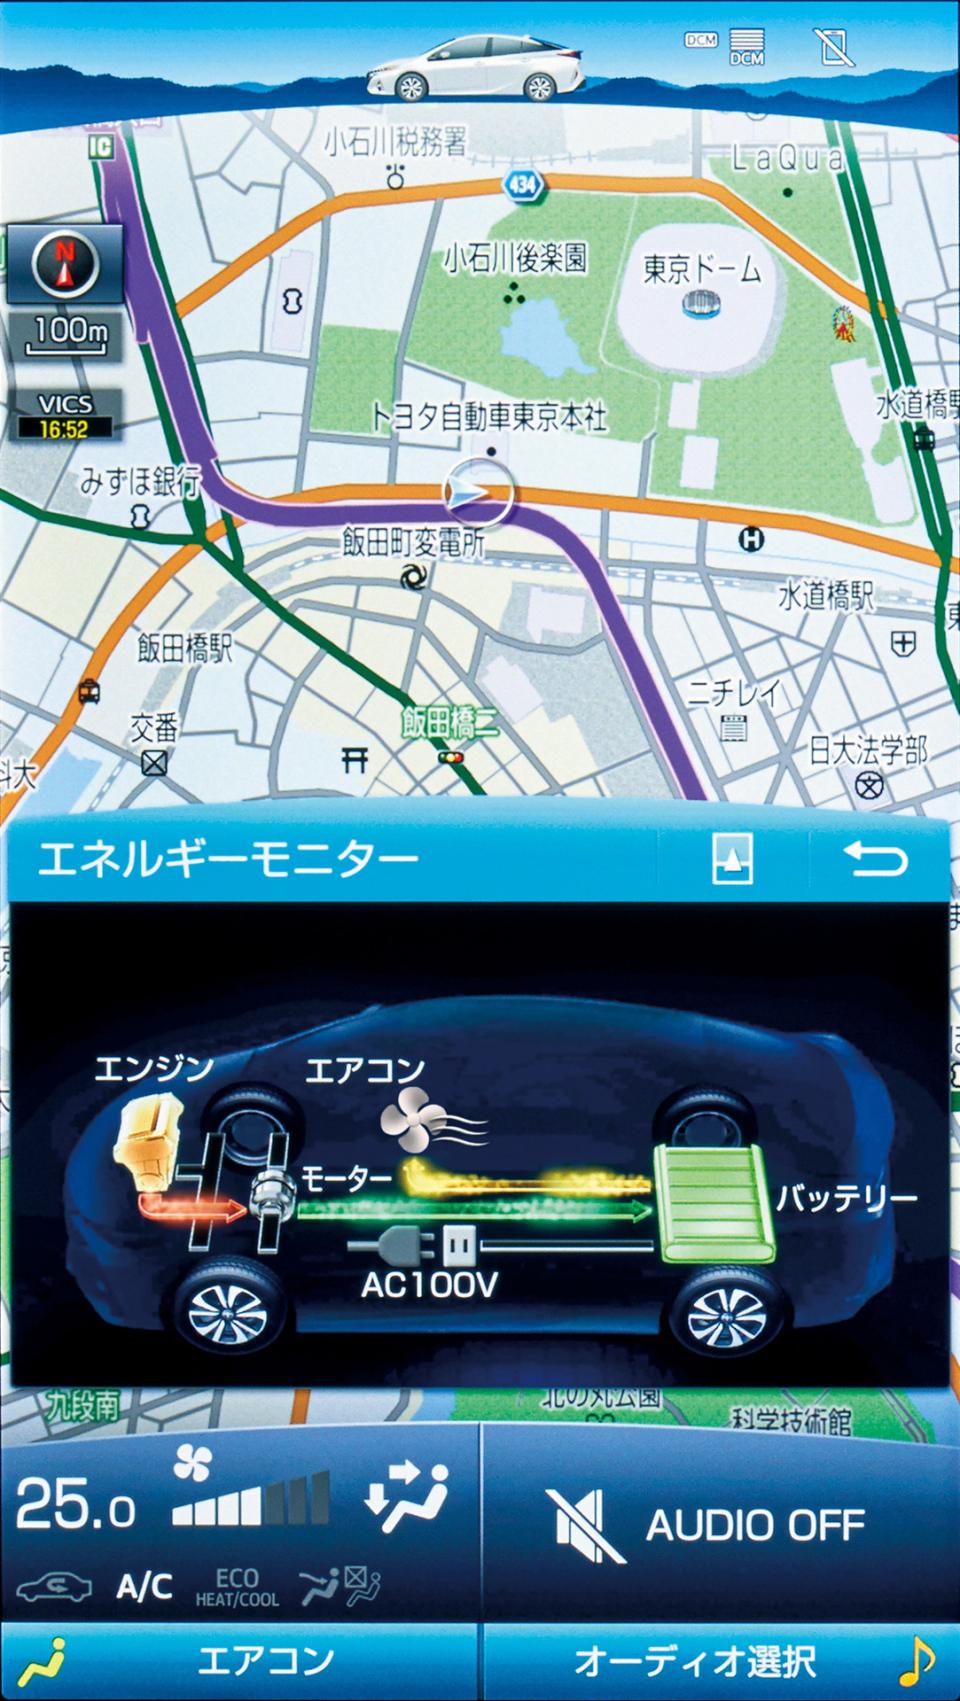 次世代環境車の大本命! 世界初となる大型ソーラーパネル搭載のトヨタ「プリウスPHV」誕生 10番目の画像